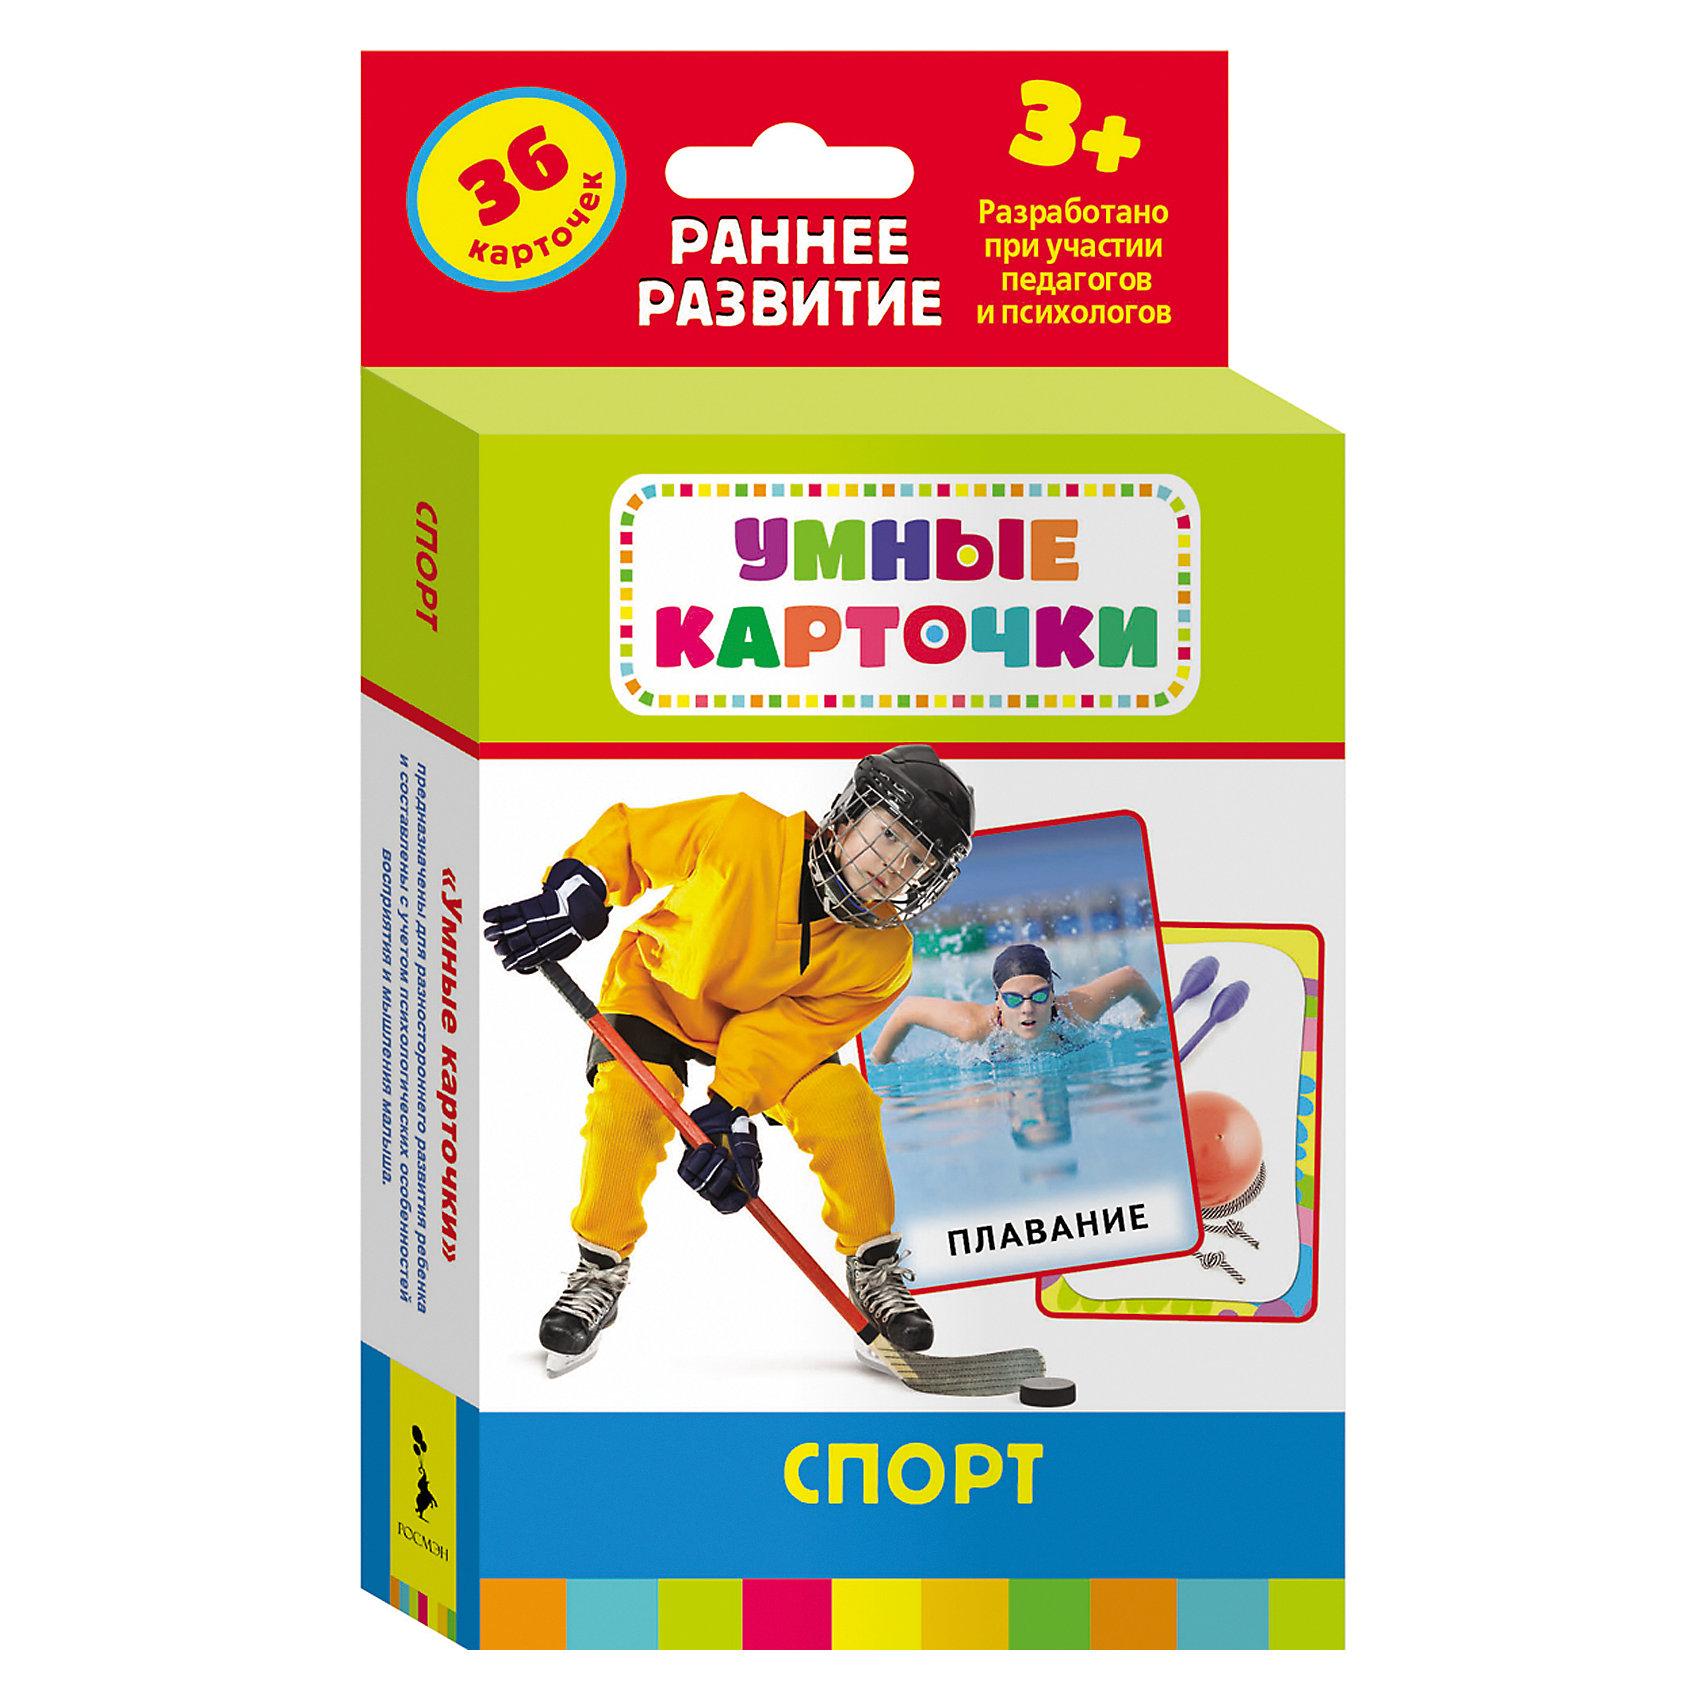 Росмэн Развивающие карточки Спорт, Умные карточки раннее развитие росмэн развивающие карточки как устроен человек